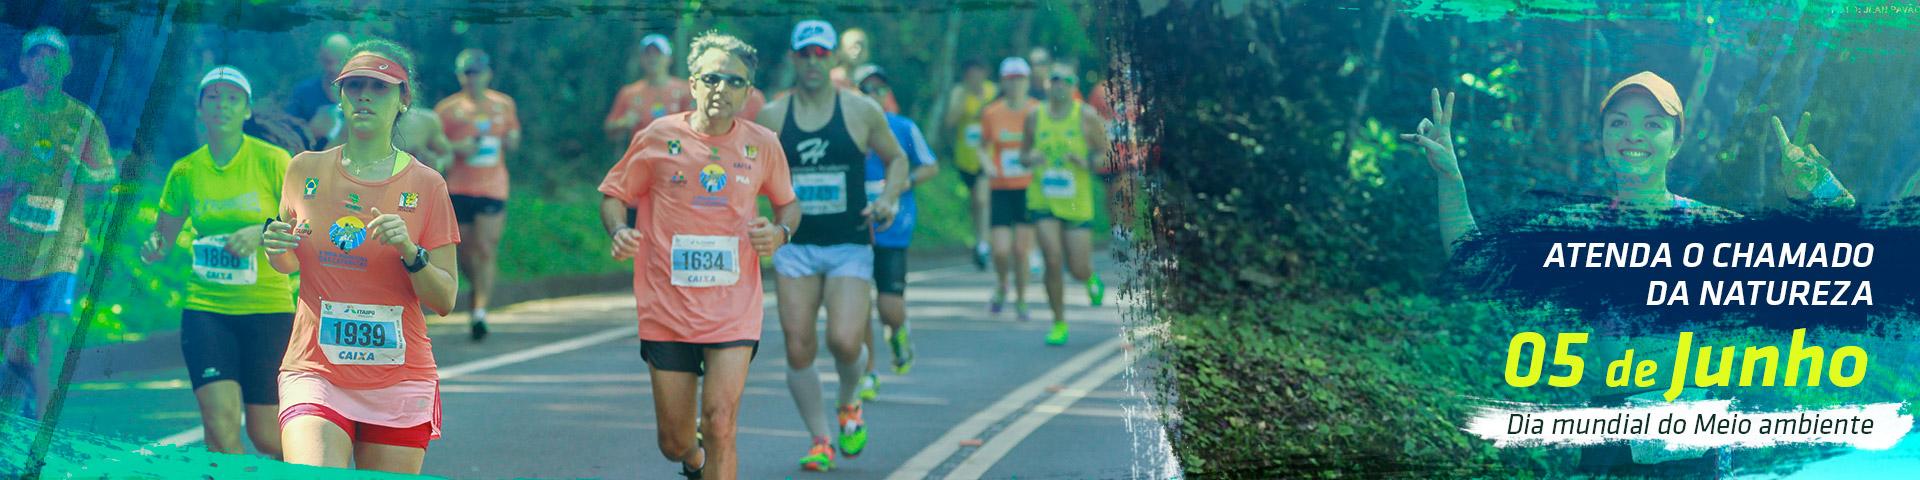 Banner 9° Meia Maratona das Cataratas